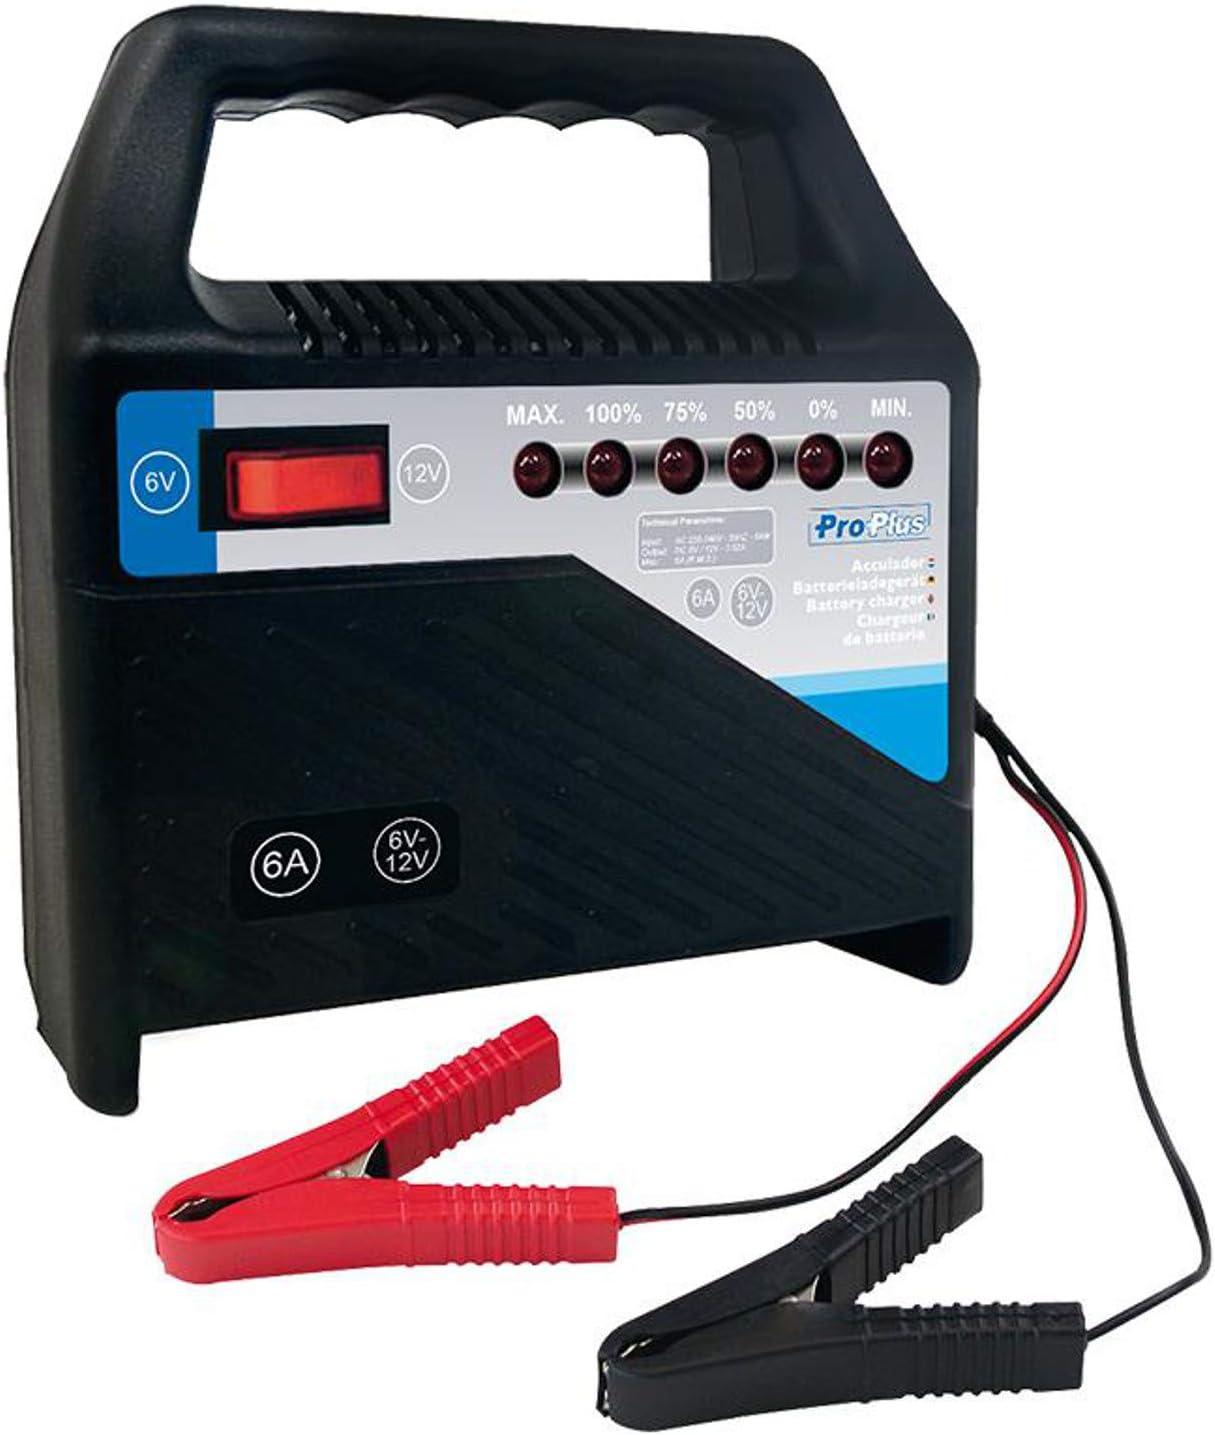 Chargeur de voiture Chargeur de batterie 6 /à 24 V au choix 6 A /à 15 A PAT Europe B.V